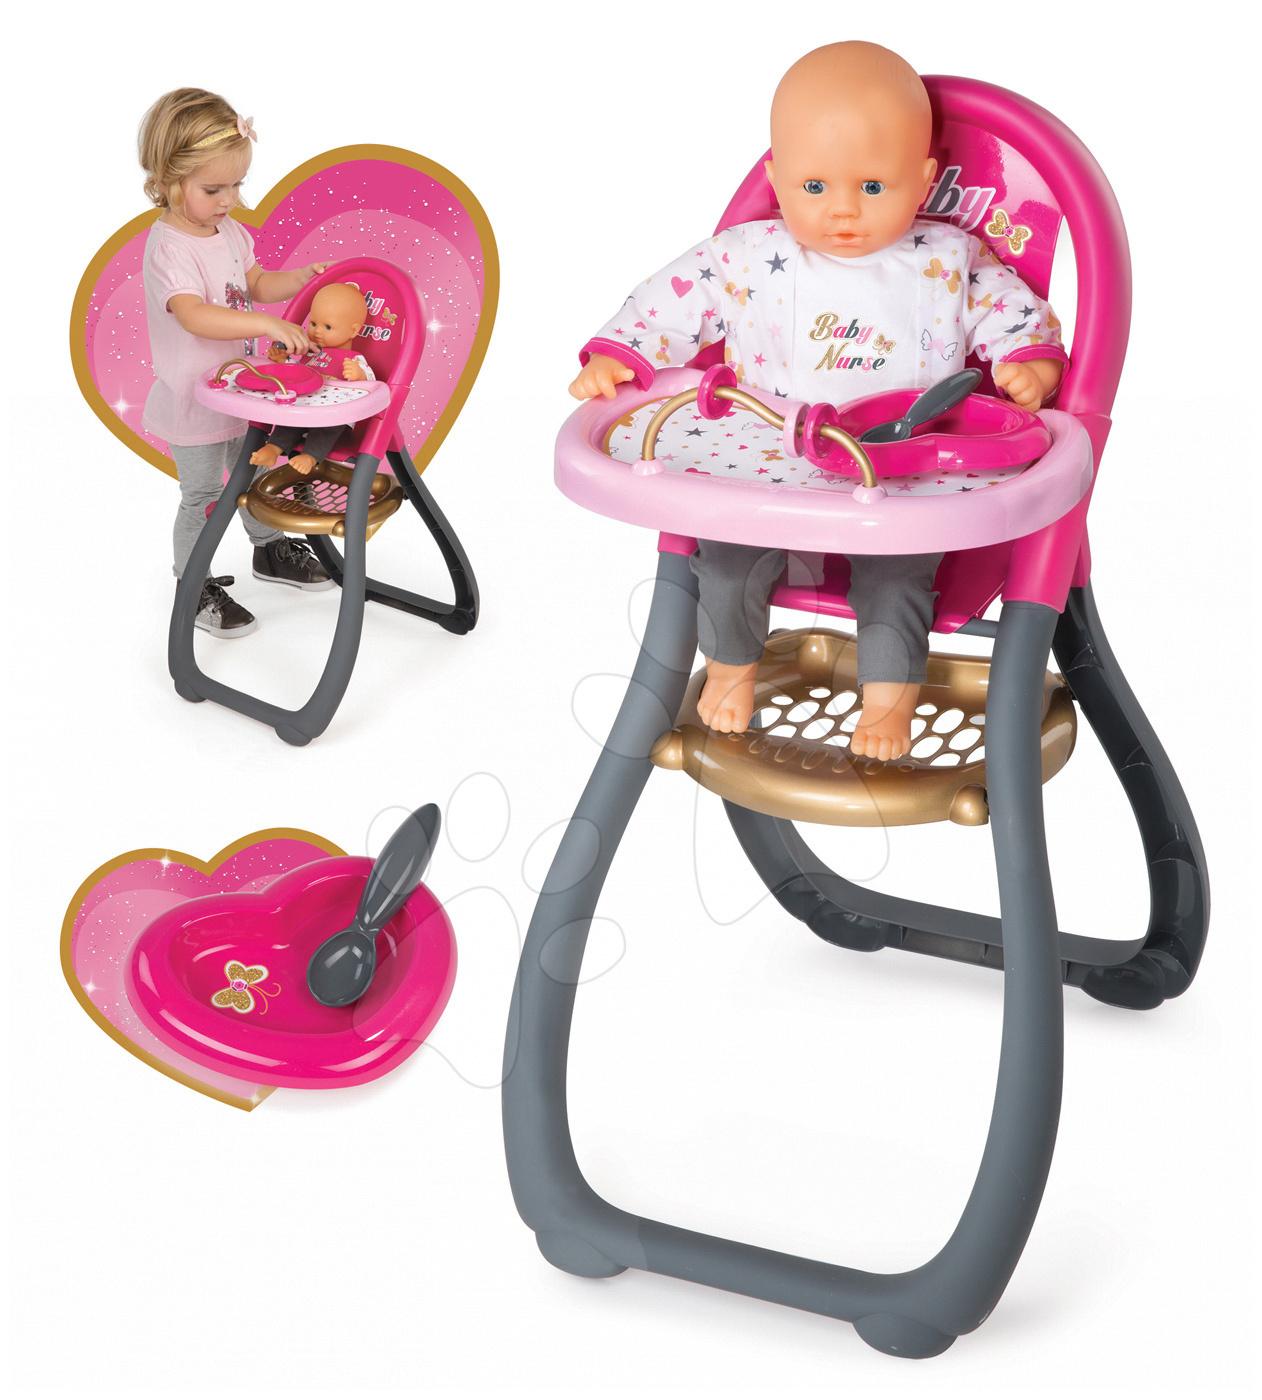 Jídelní židle Baby Nurse Zlatá edice Smoby pro 42 cm panenku od 18 měsíců